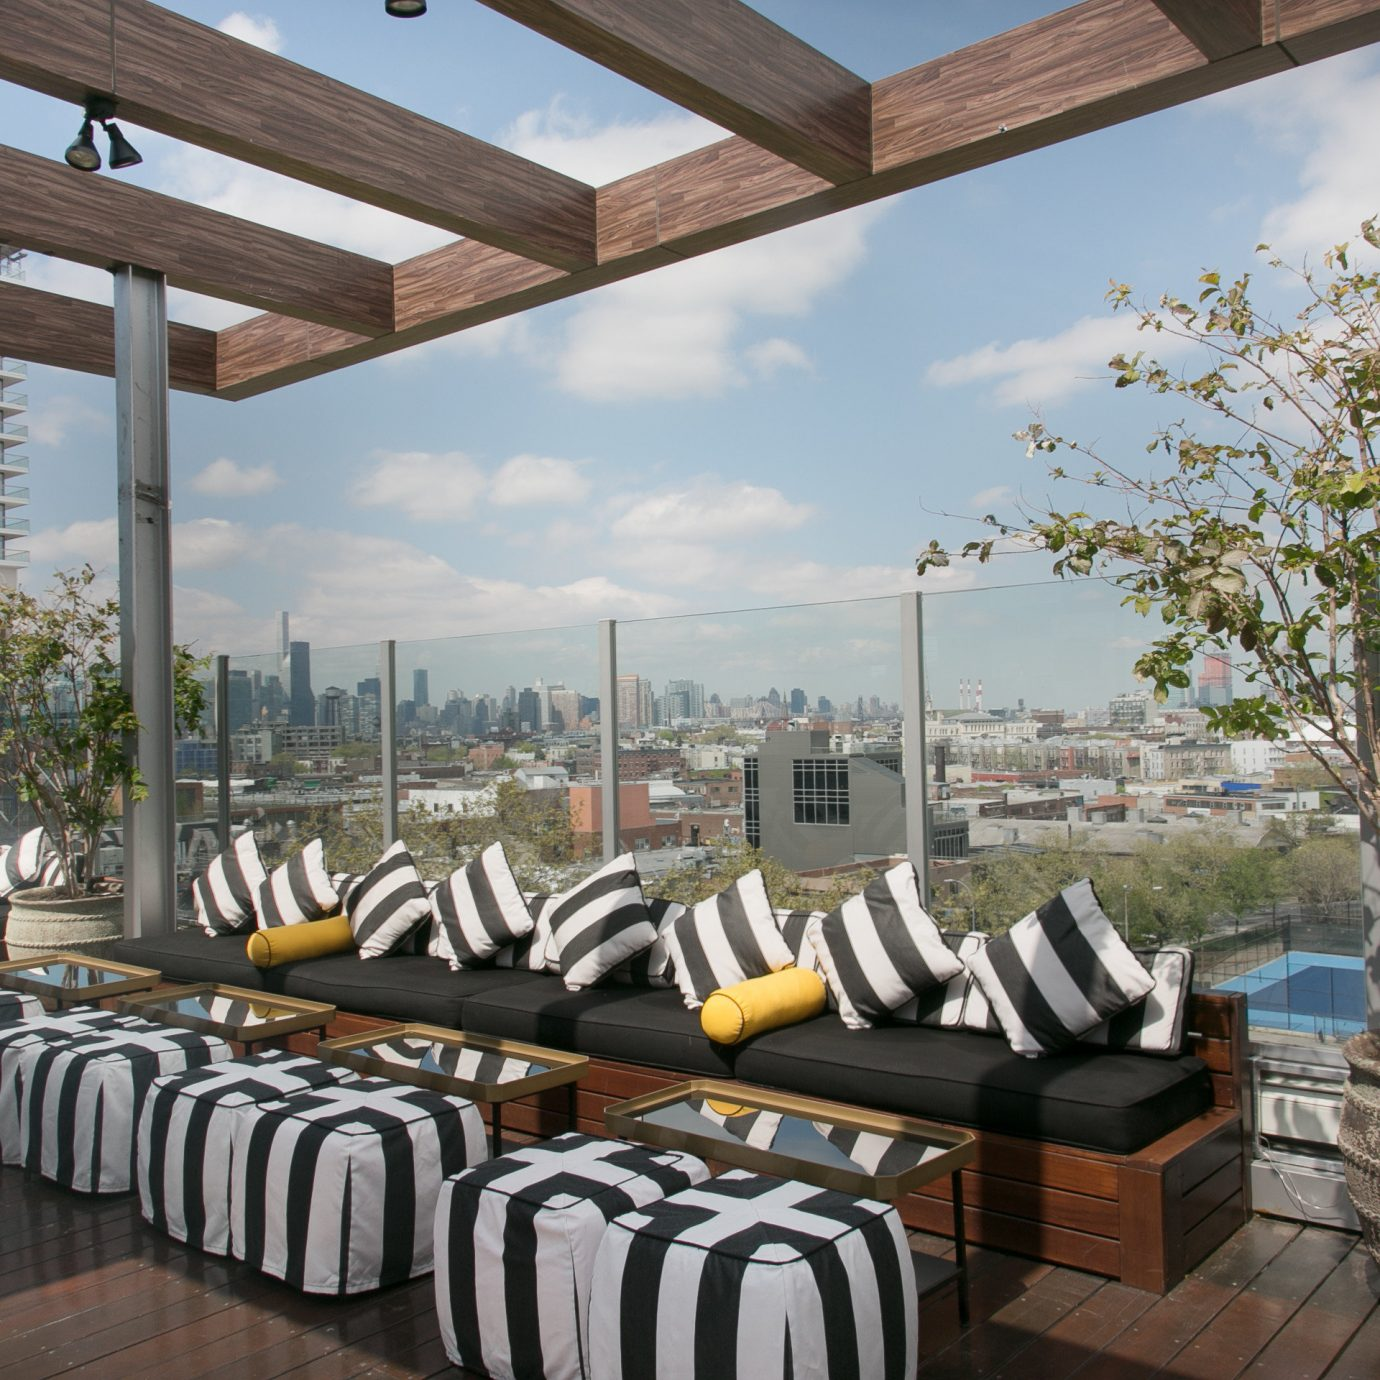 property building restaurant home Resort Villa Deck lined overlooking